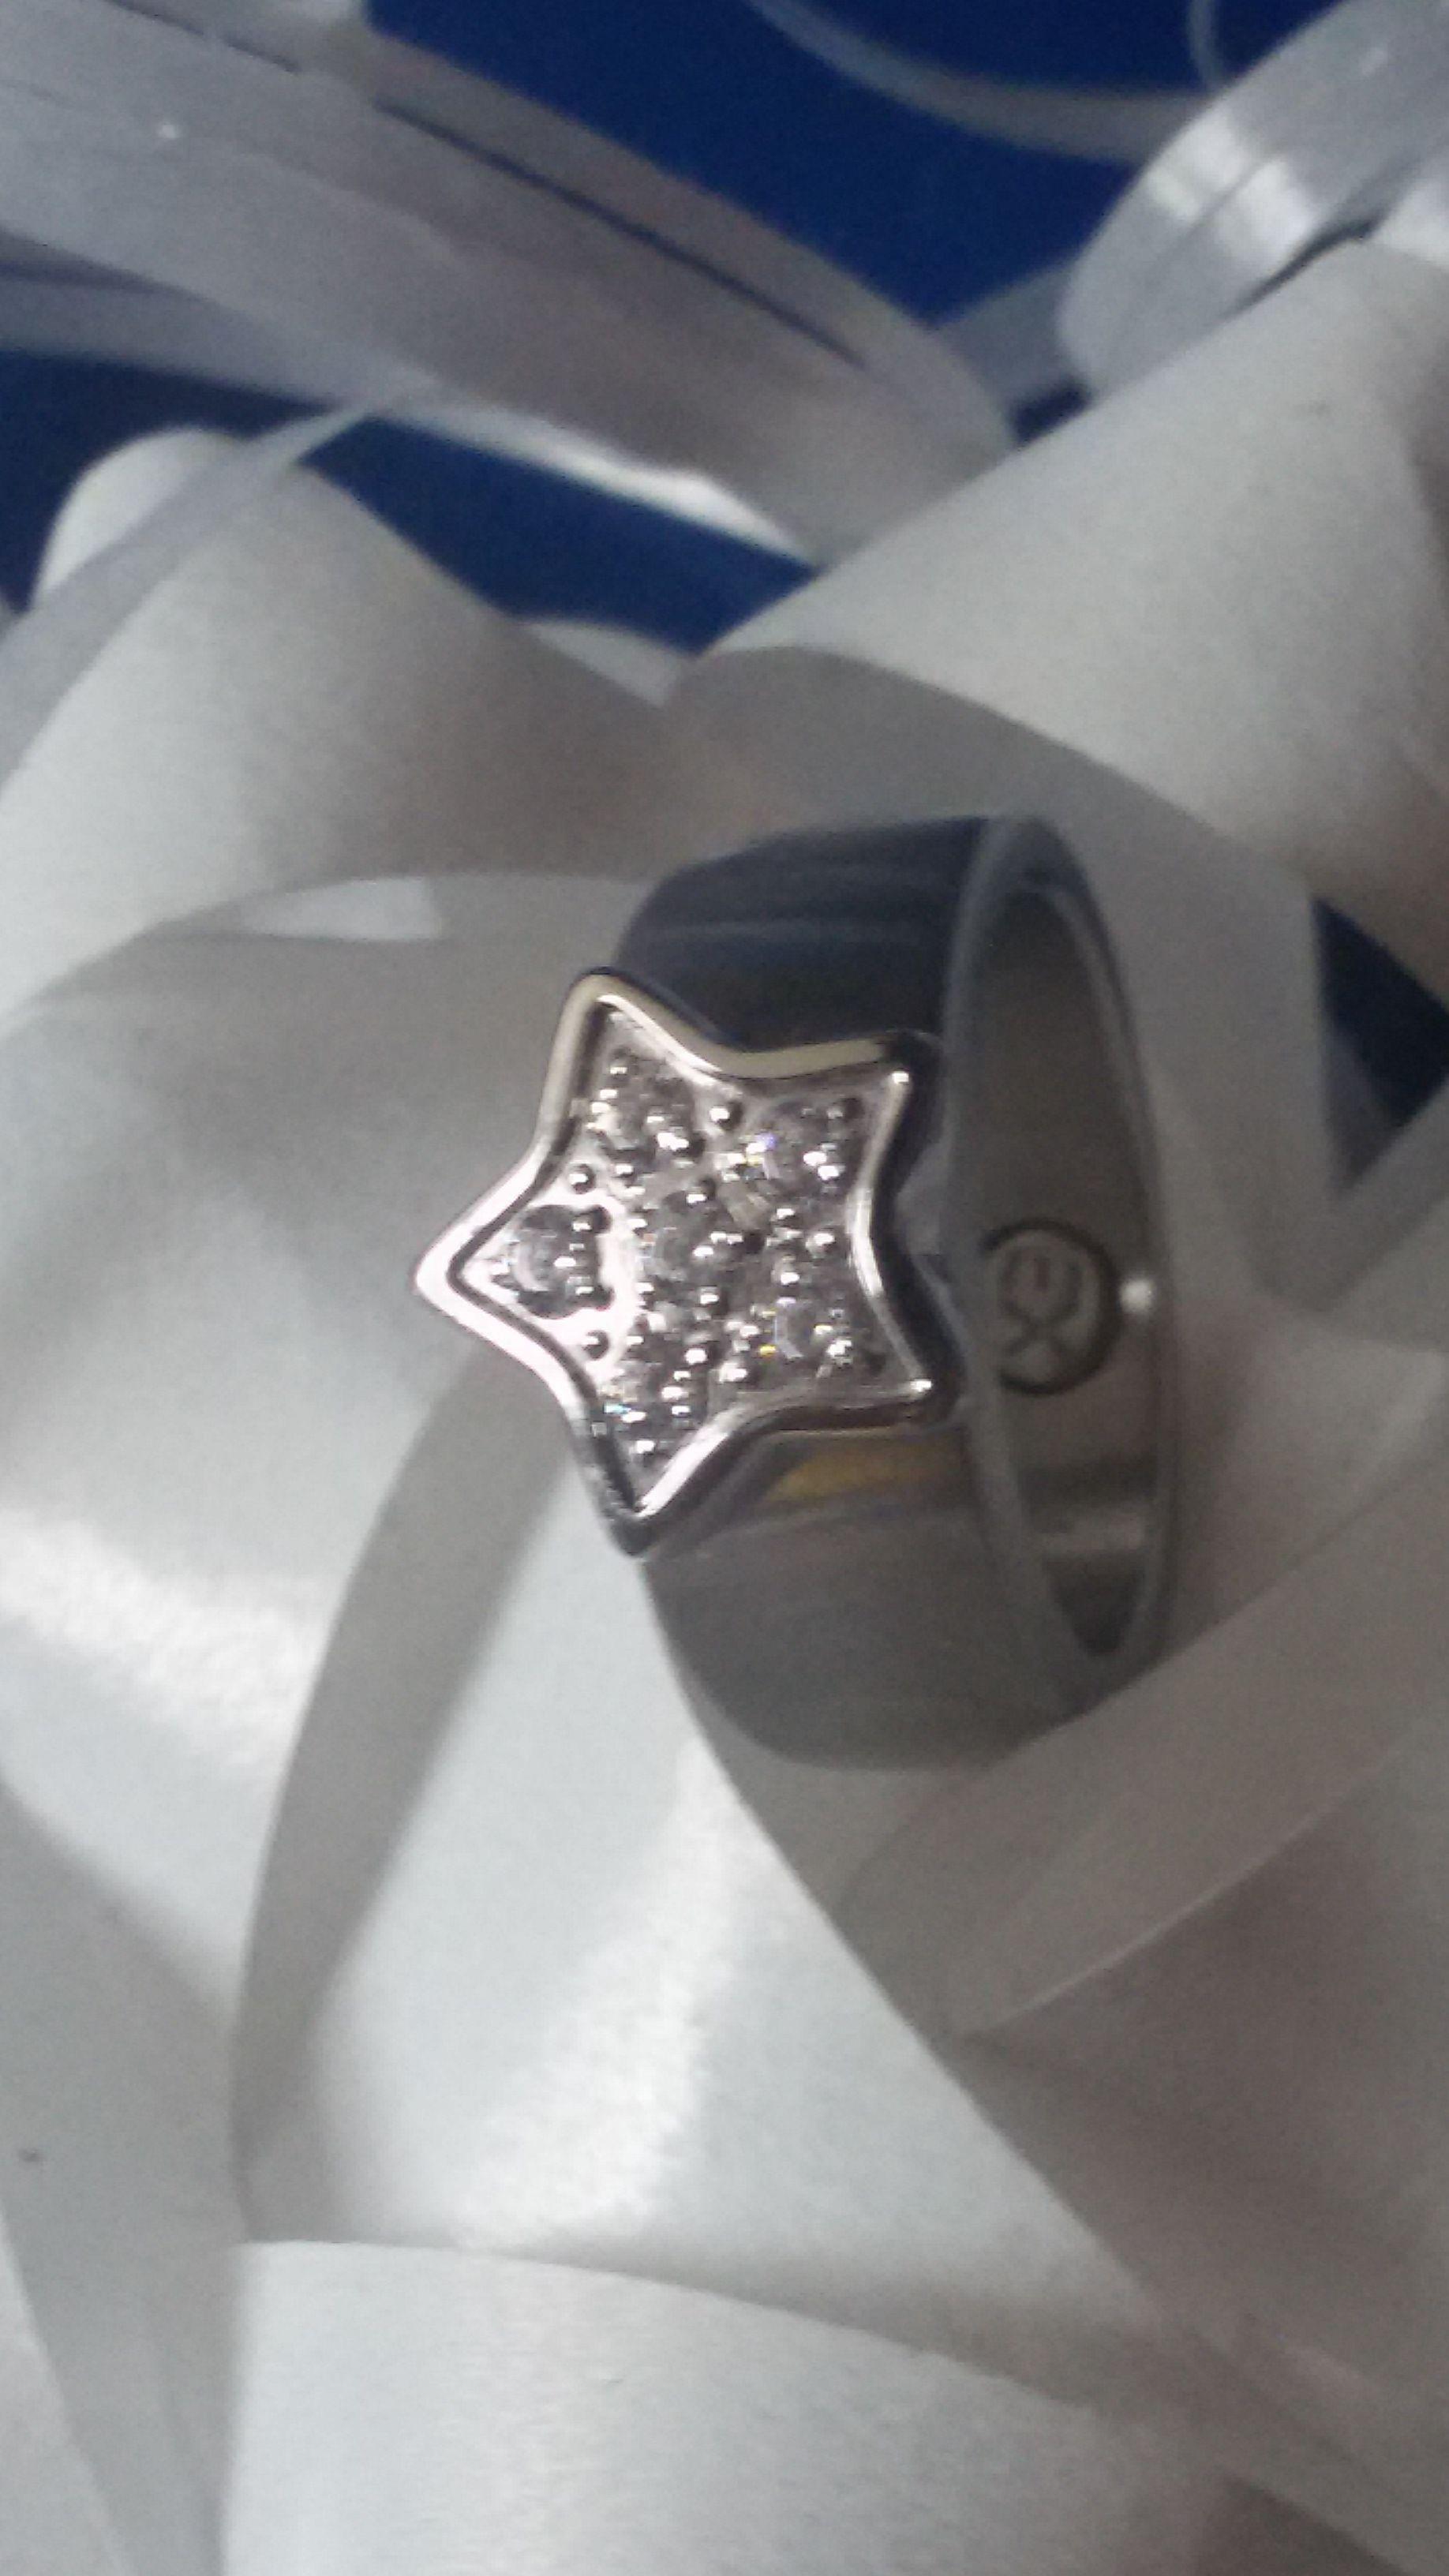 600 Ring/ Grösse 15mm! 1A Zustand & tolles Design!  Für 41€!!! OVP:  71€